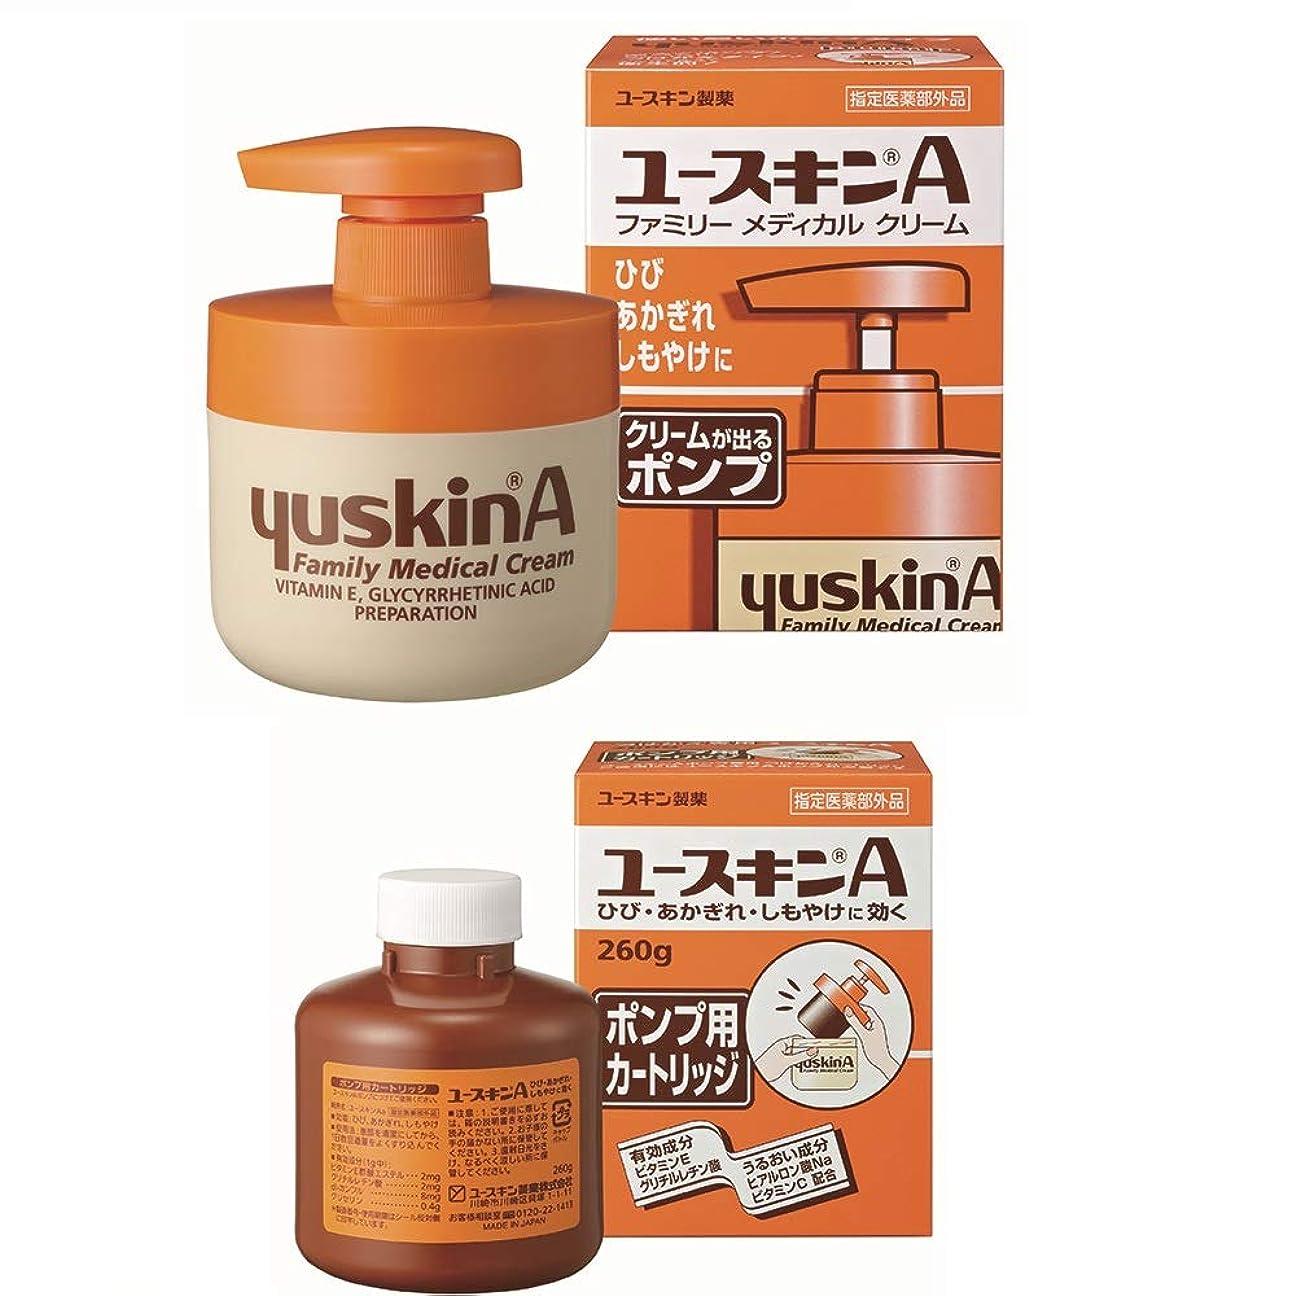 お手入れクラックポット未使用【セット品】ユースキンA ポンプ 260g+A ポンプ用カートリッジ